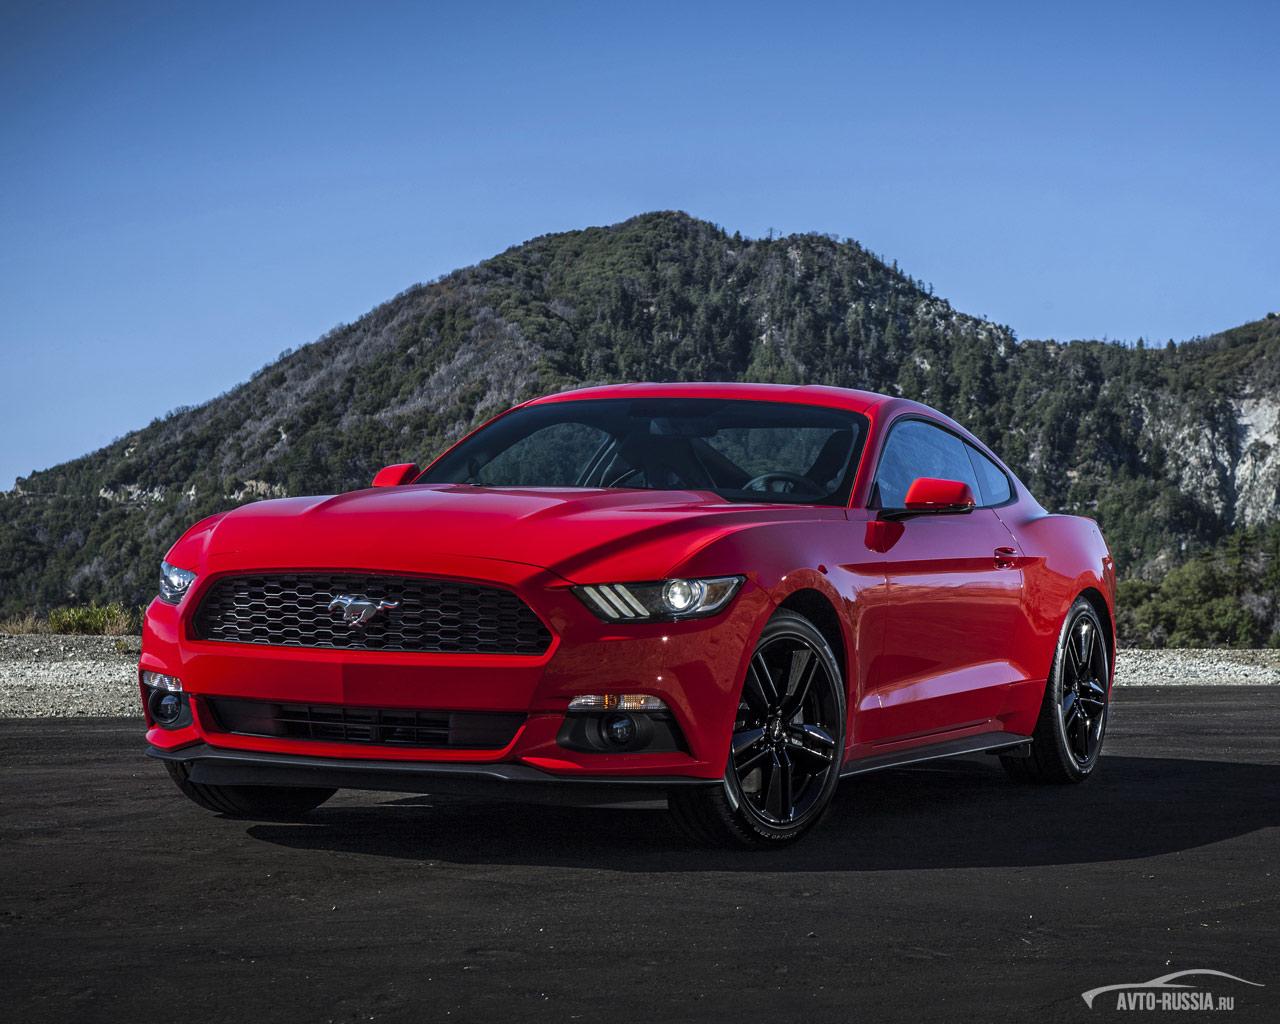 Автомобиль Ford Mustang